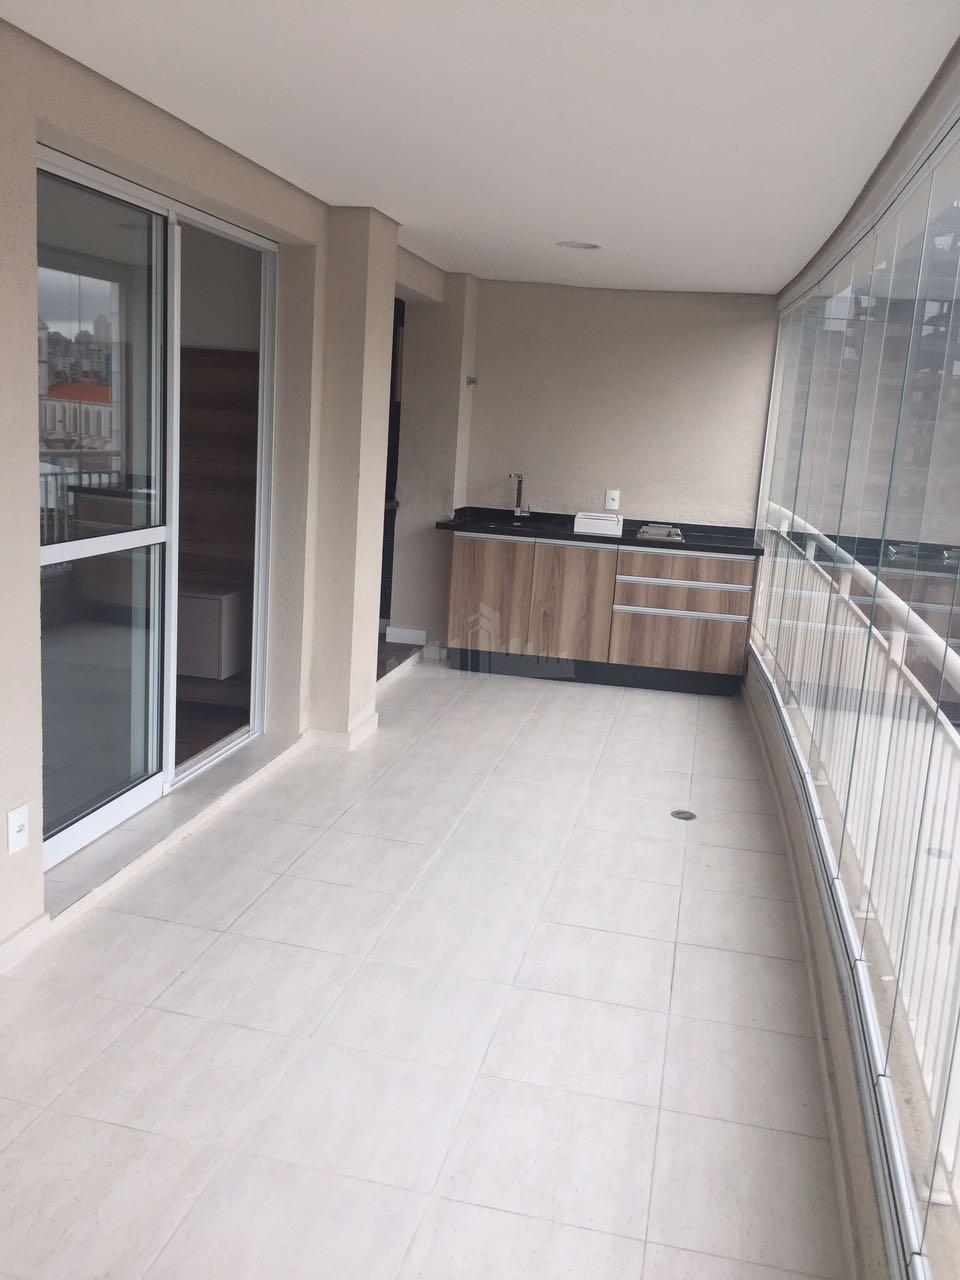 apartamento de 70 m², 2 dormitórios (1 suíte) com armários, banheiro social , sala para dois...